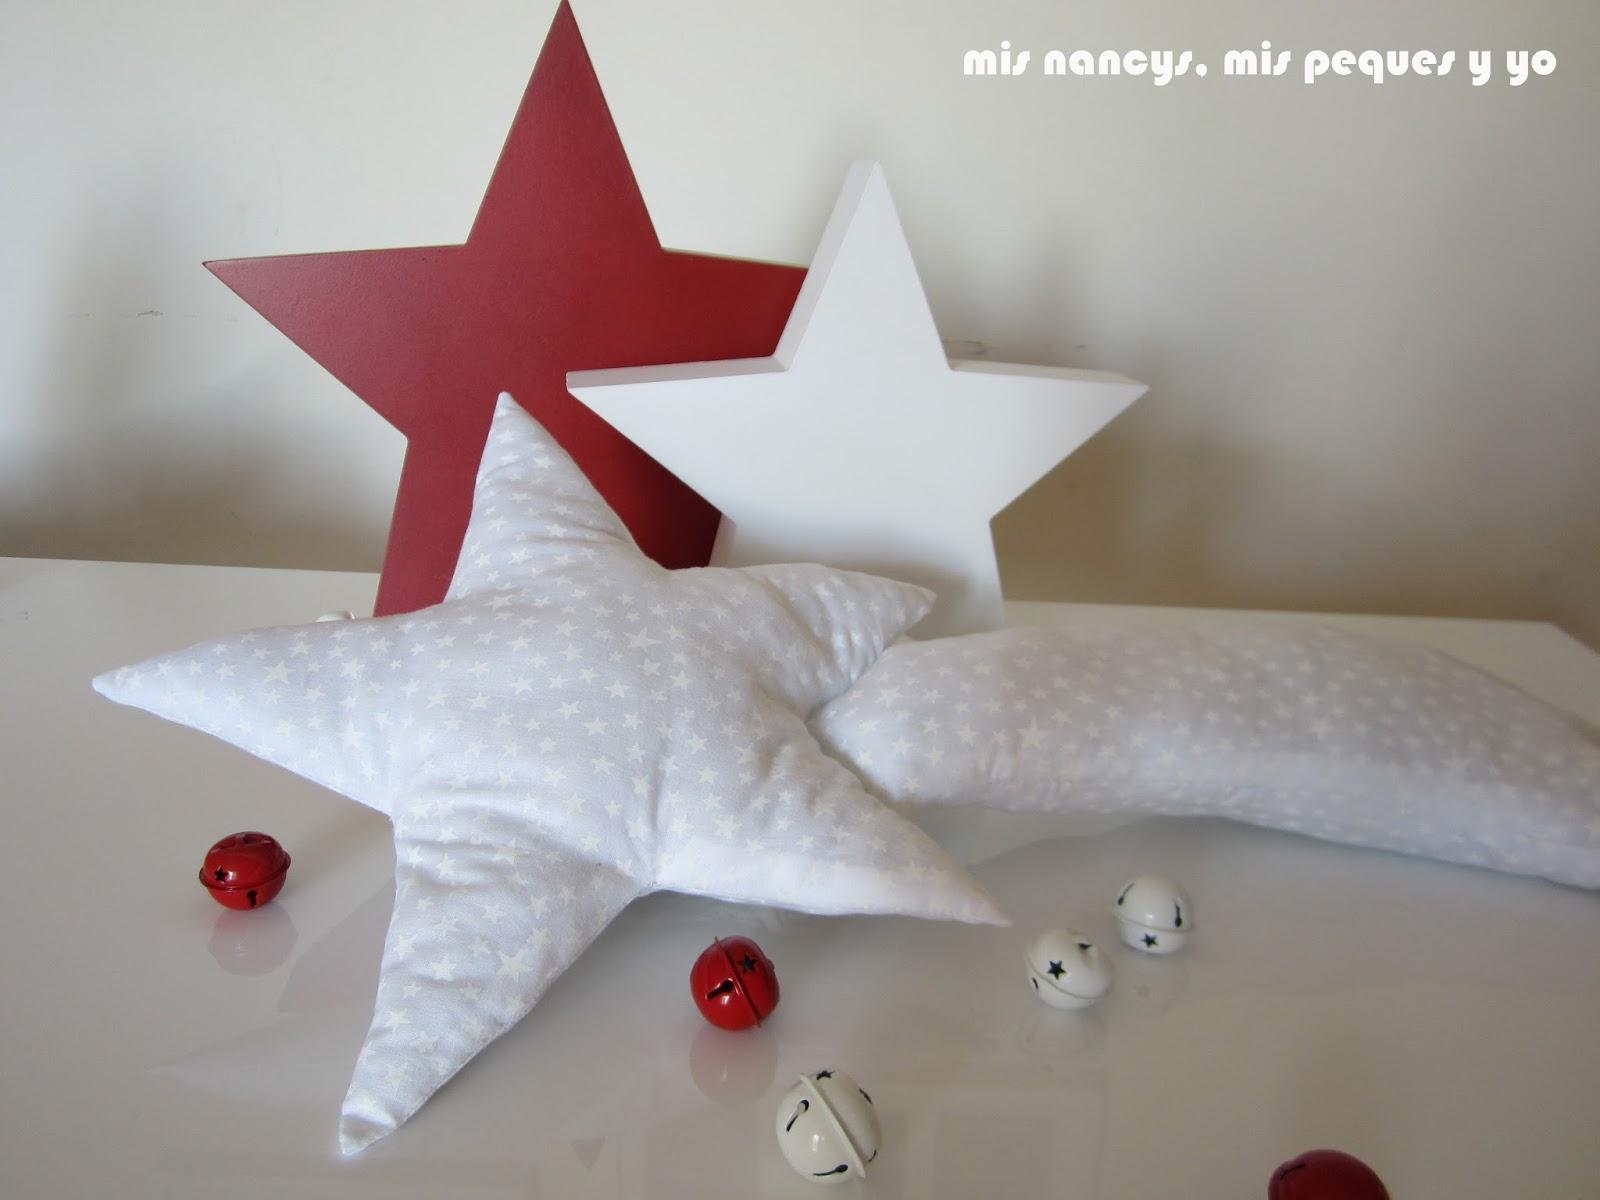 mis nancys, mis peques y yo, tutorial DIY cojín con forma de estrella